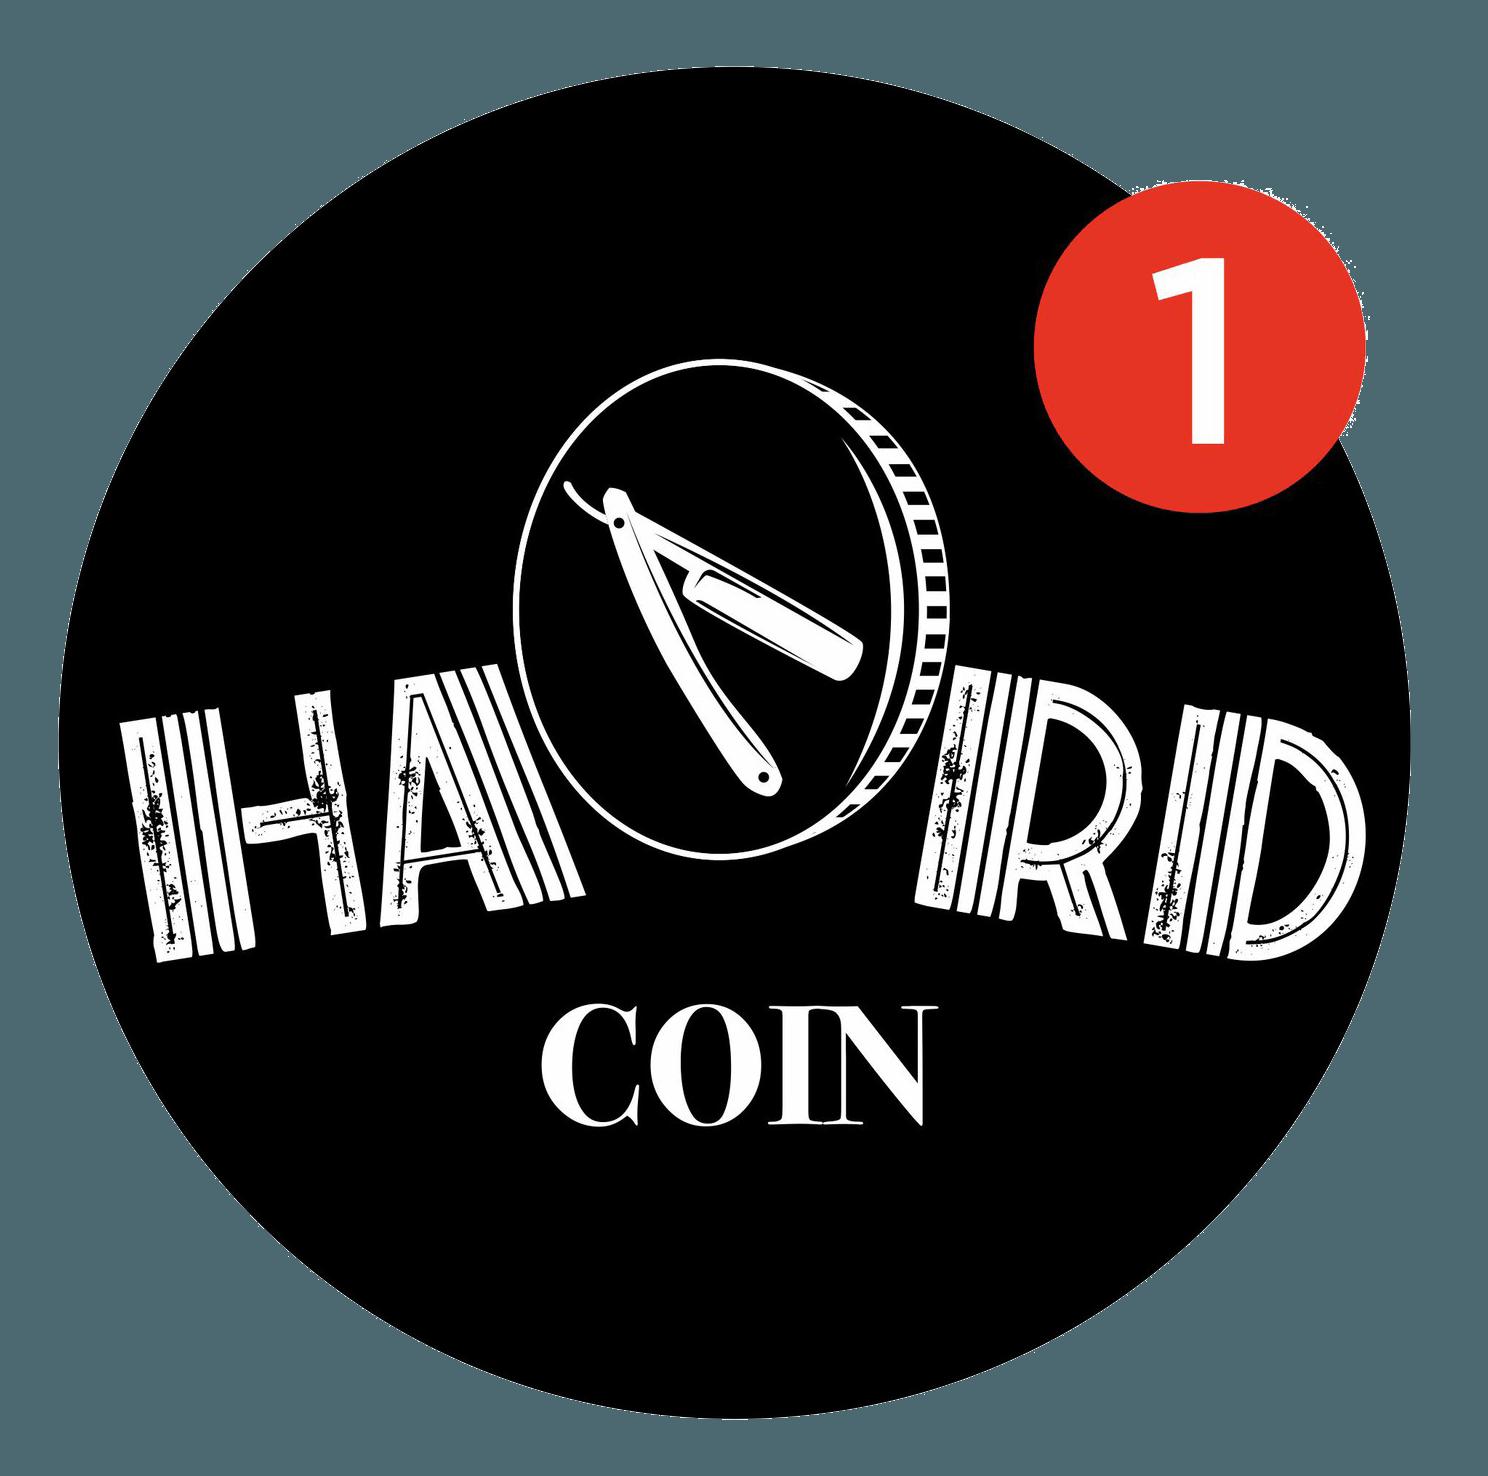 hard coin